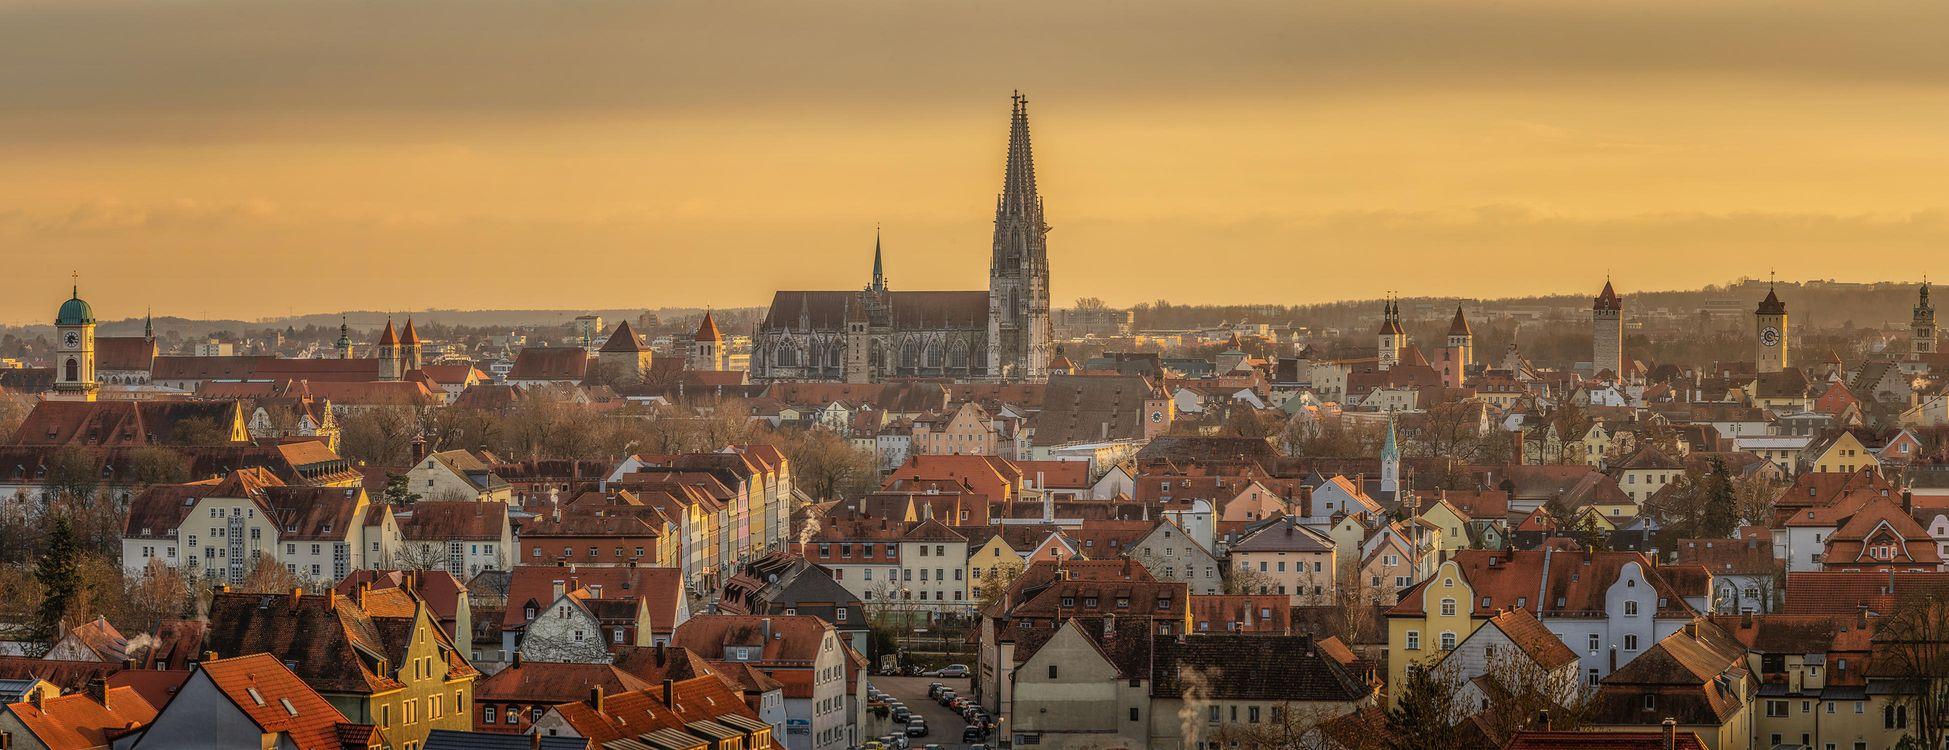 Фото бесплатно Регенсбург, Бавария, Германия, город